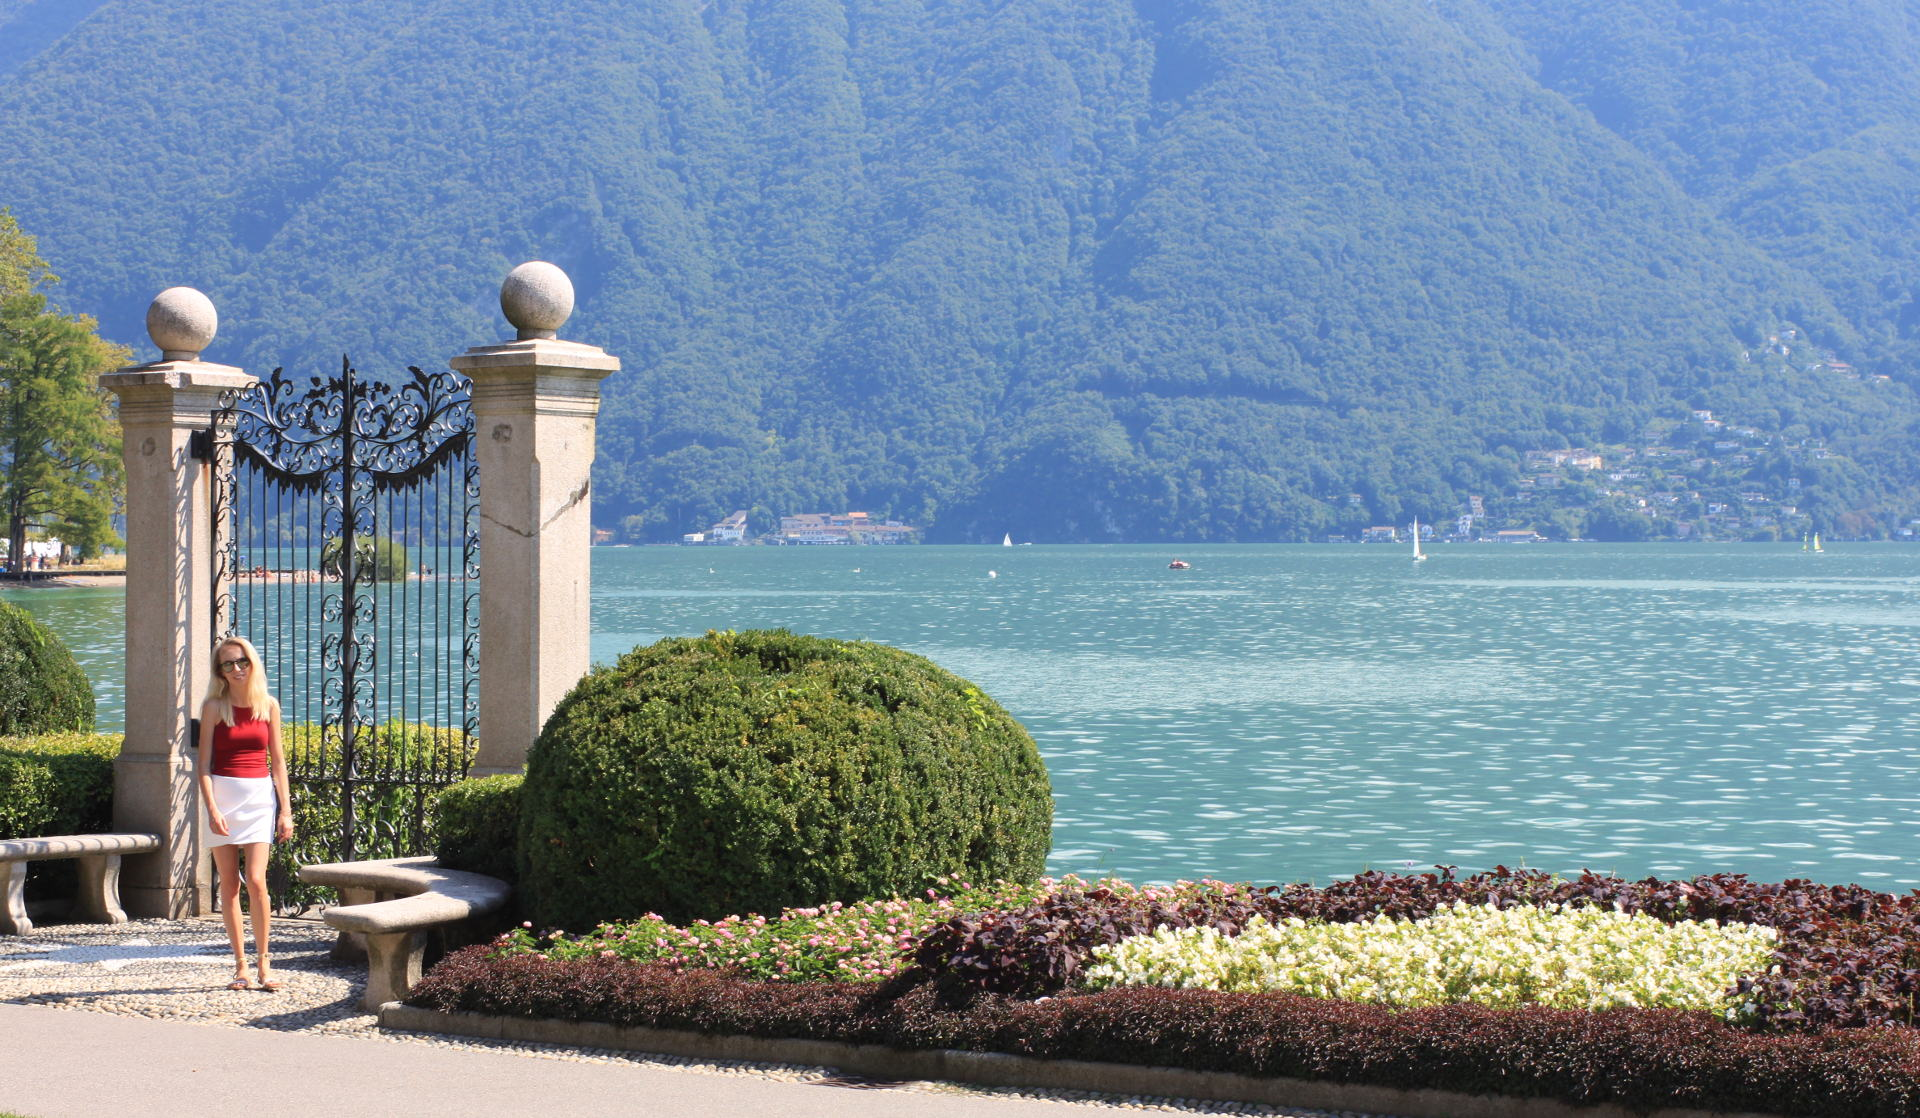 szwajcaria lugano jeziorolugano jezioroszwajcaria gorylugano widoknajeziorolugano alpyszwajcaria iglawpodrozy